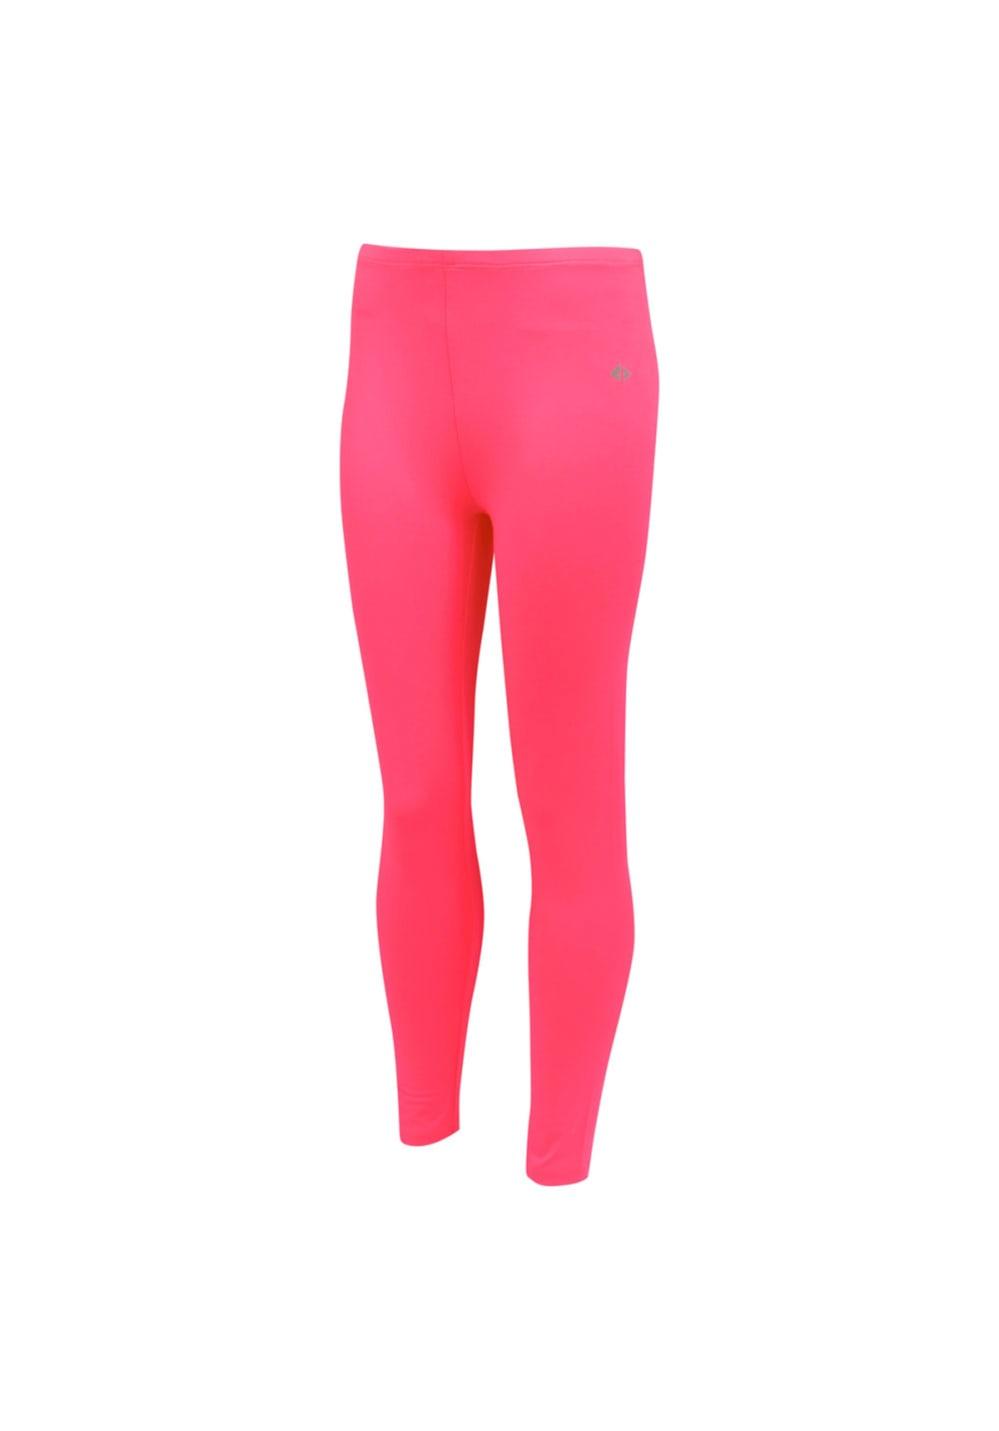 Athlitech Slim Leg Leggins - Laufhosen für Mädchen - Pink